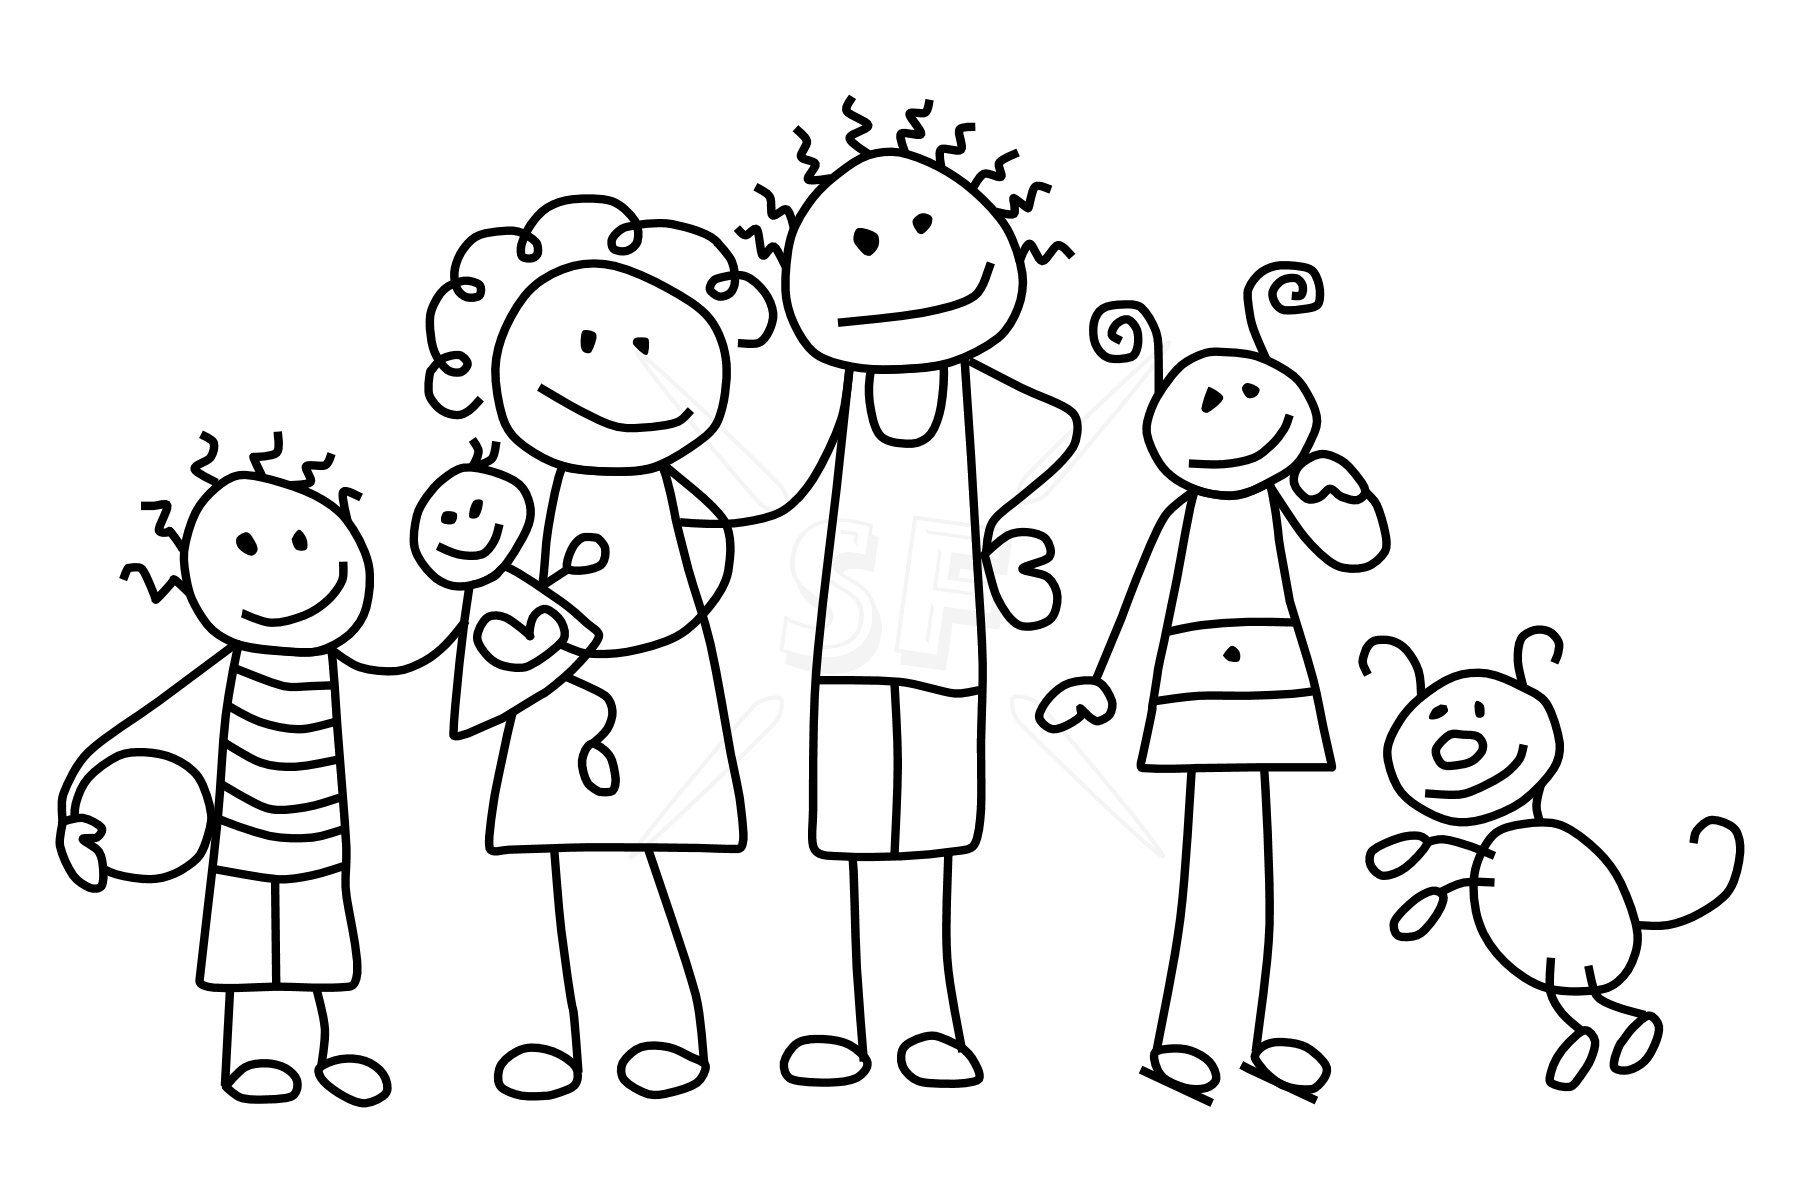 La Famiglia Family Stick Figure Drawing Stick Drawings Stick Figure Family